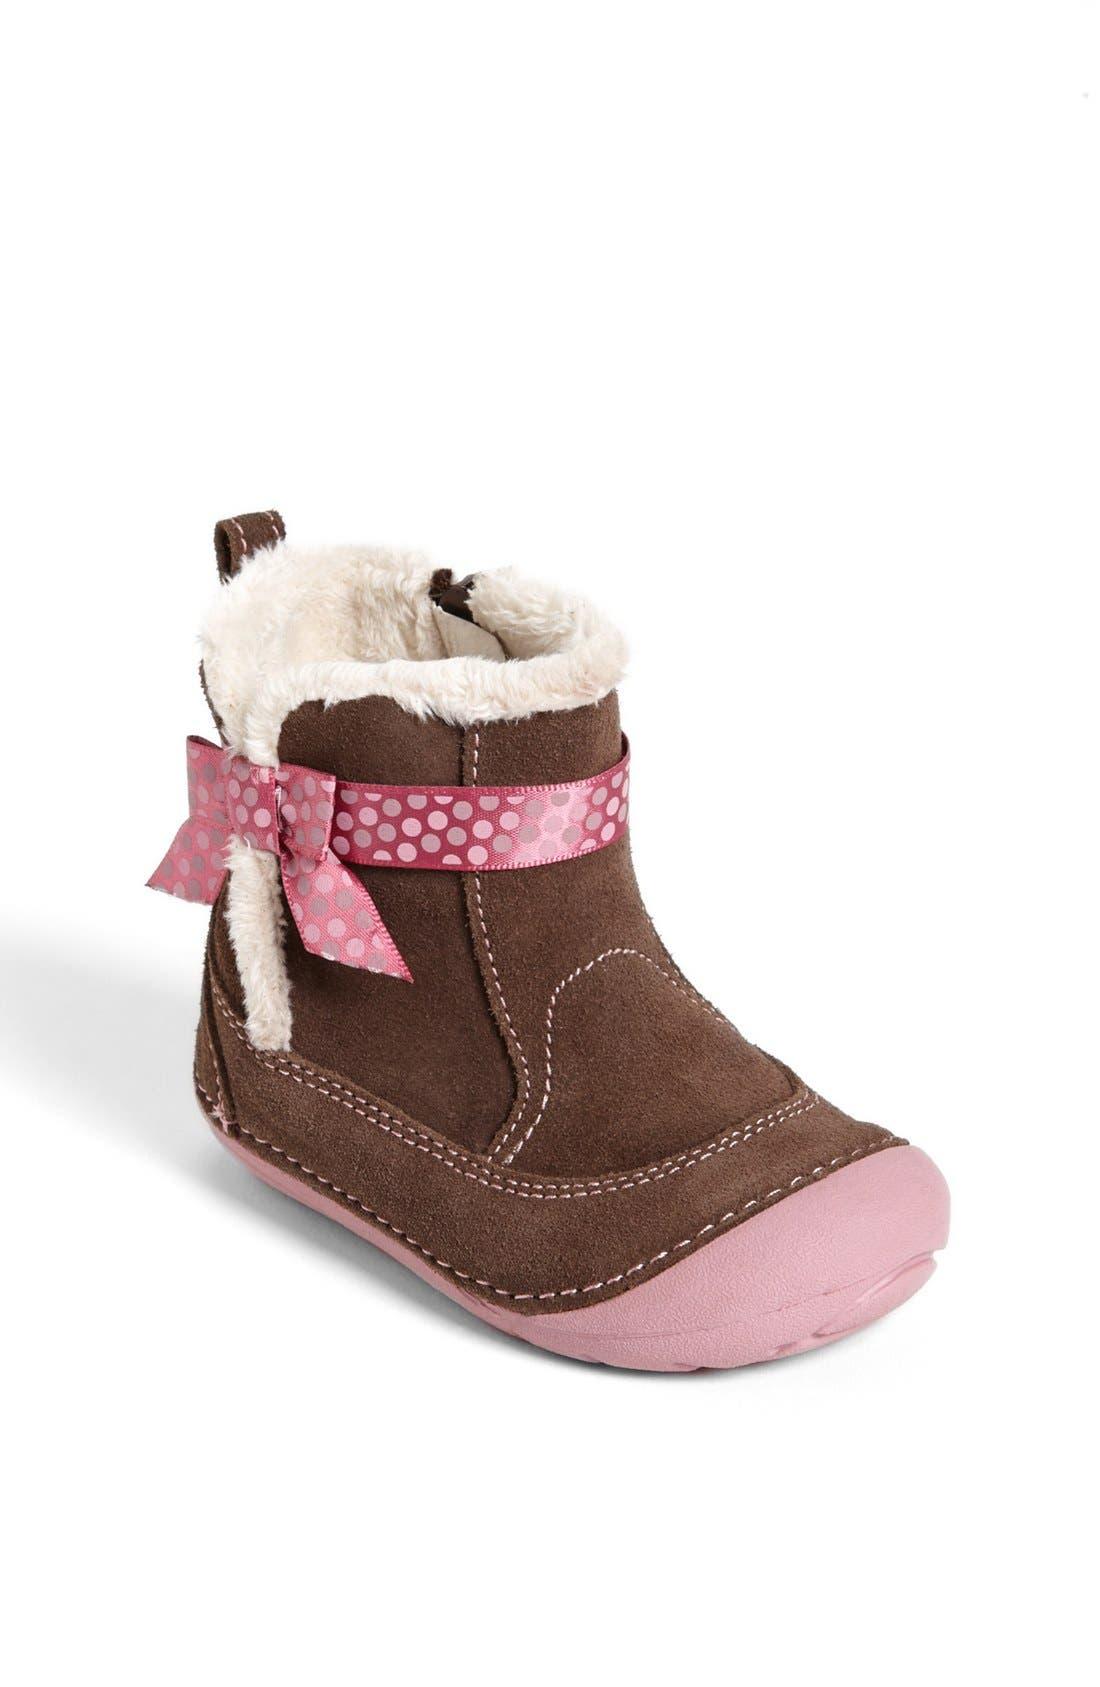 Alternate Image 1 Selected - Stride Rite 'Gellar' Boot (Baby & Walker)